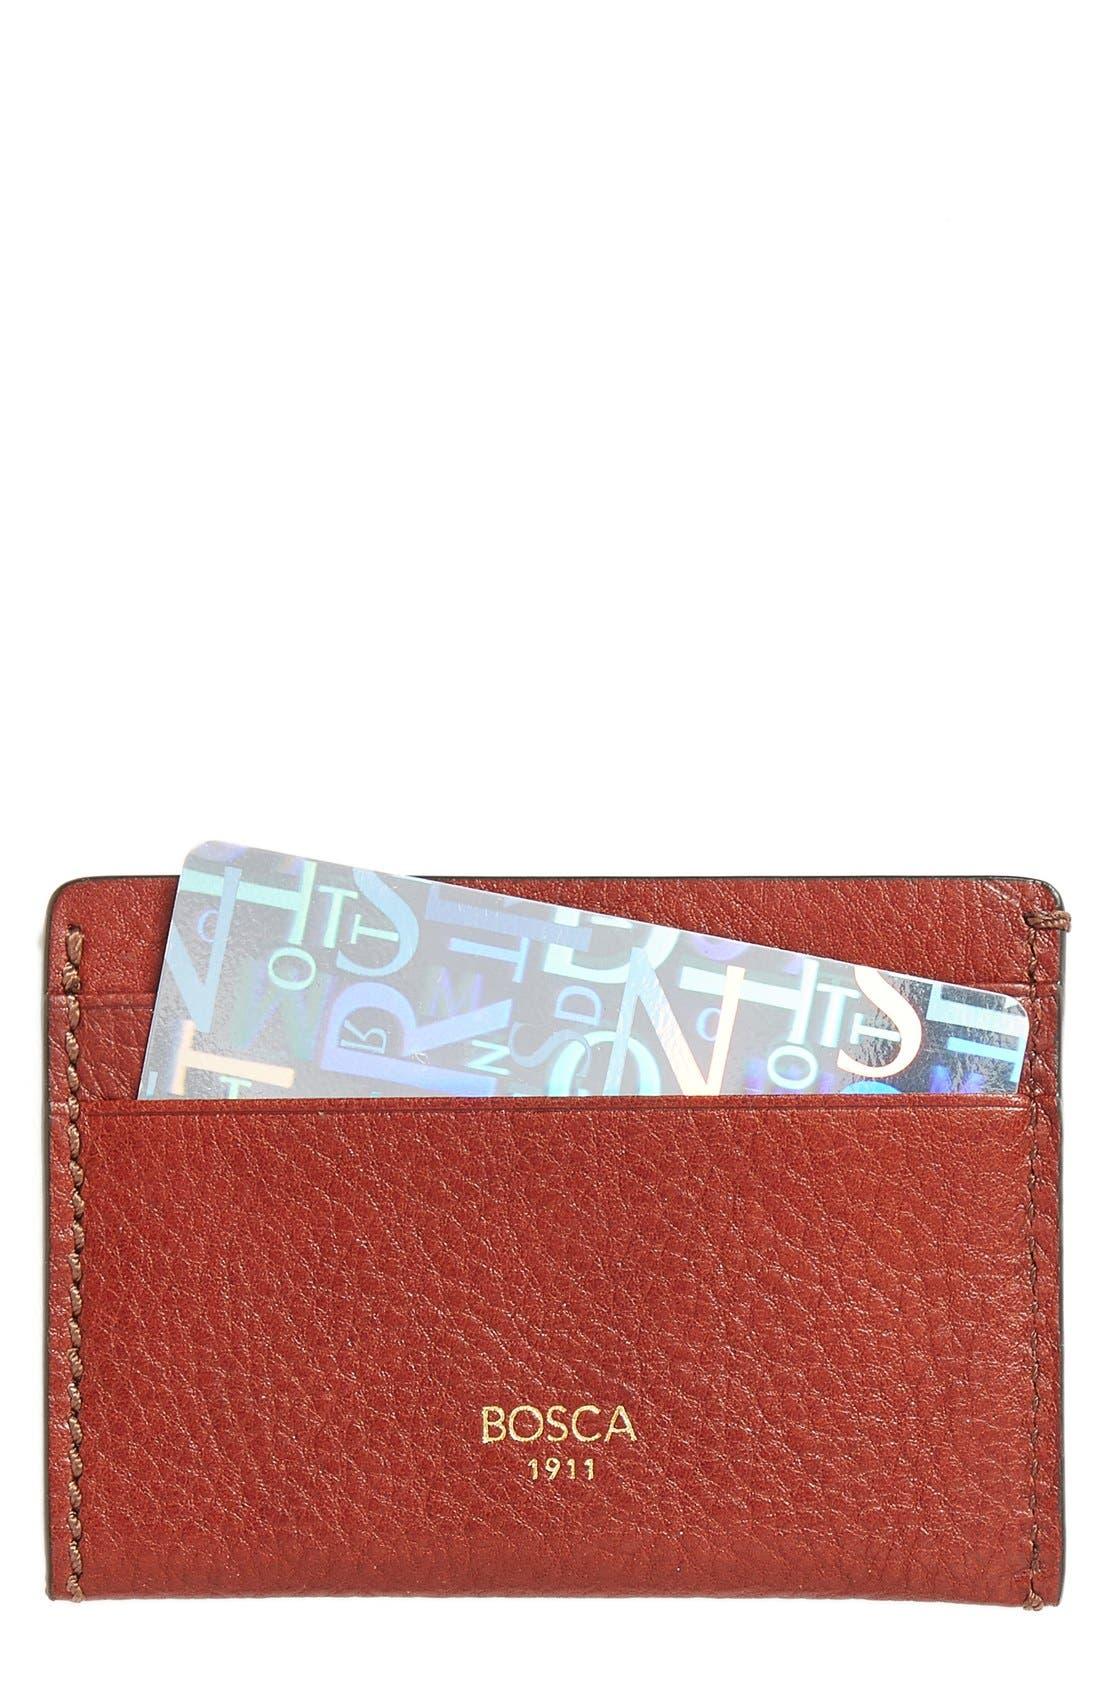 Leather Card Case,                         Main,                         color, Cognac